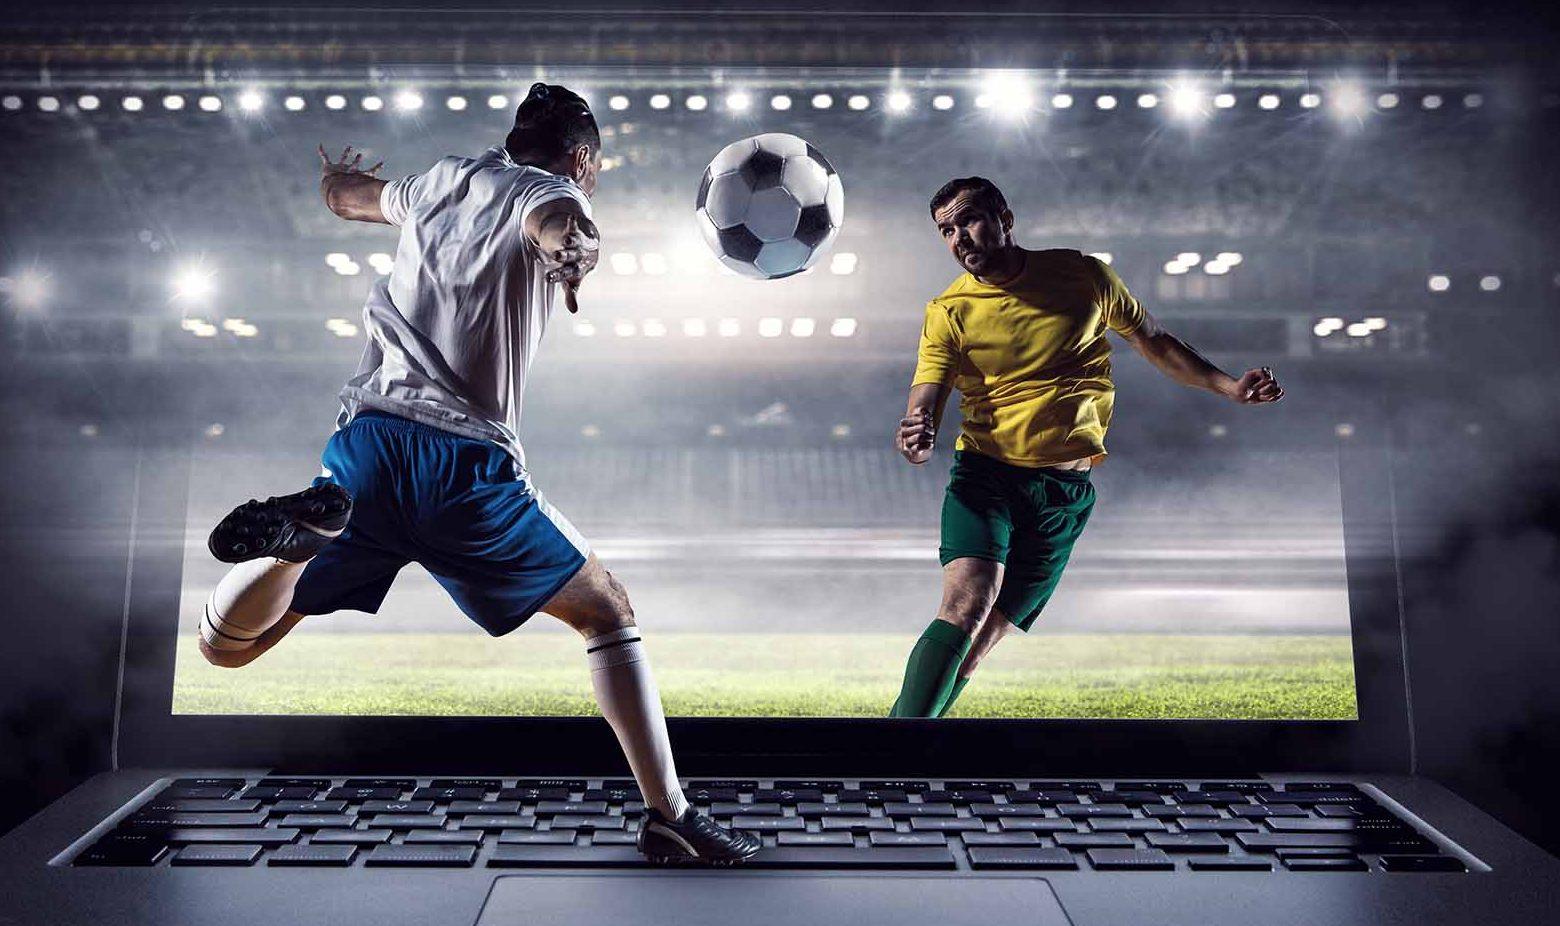 Ставки на спорт – пустая трата денег или прибыльное хобби